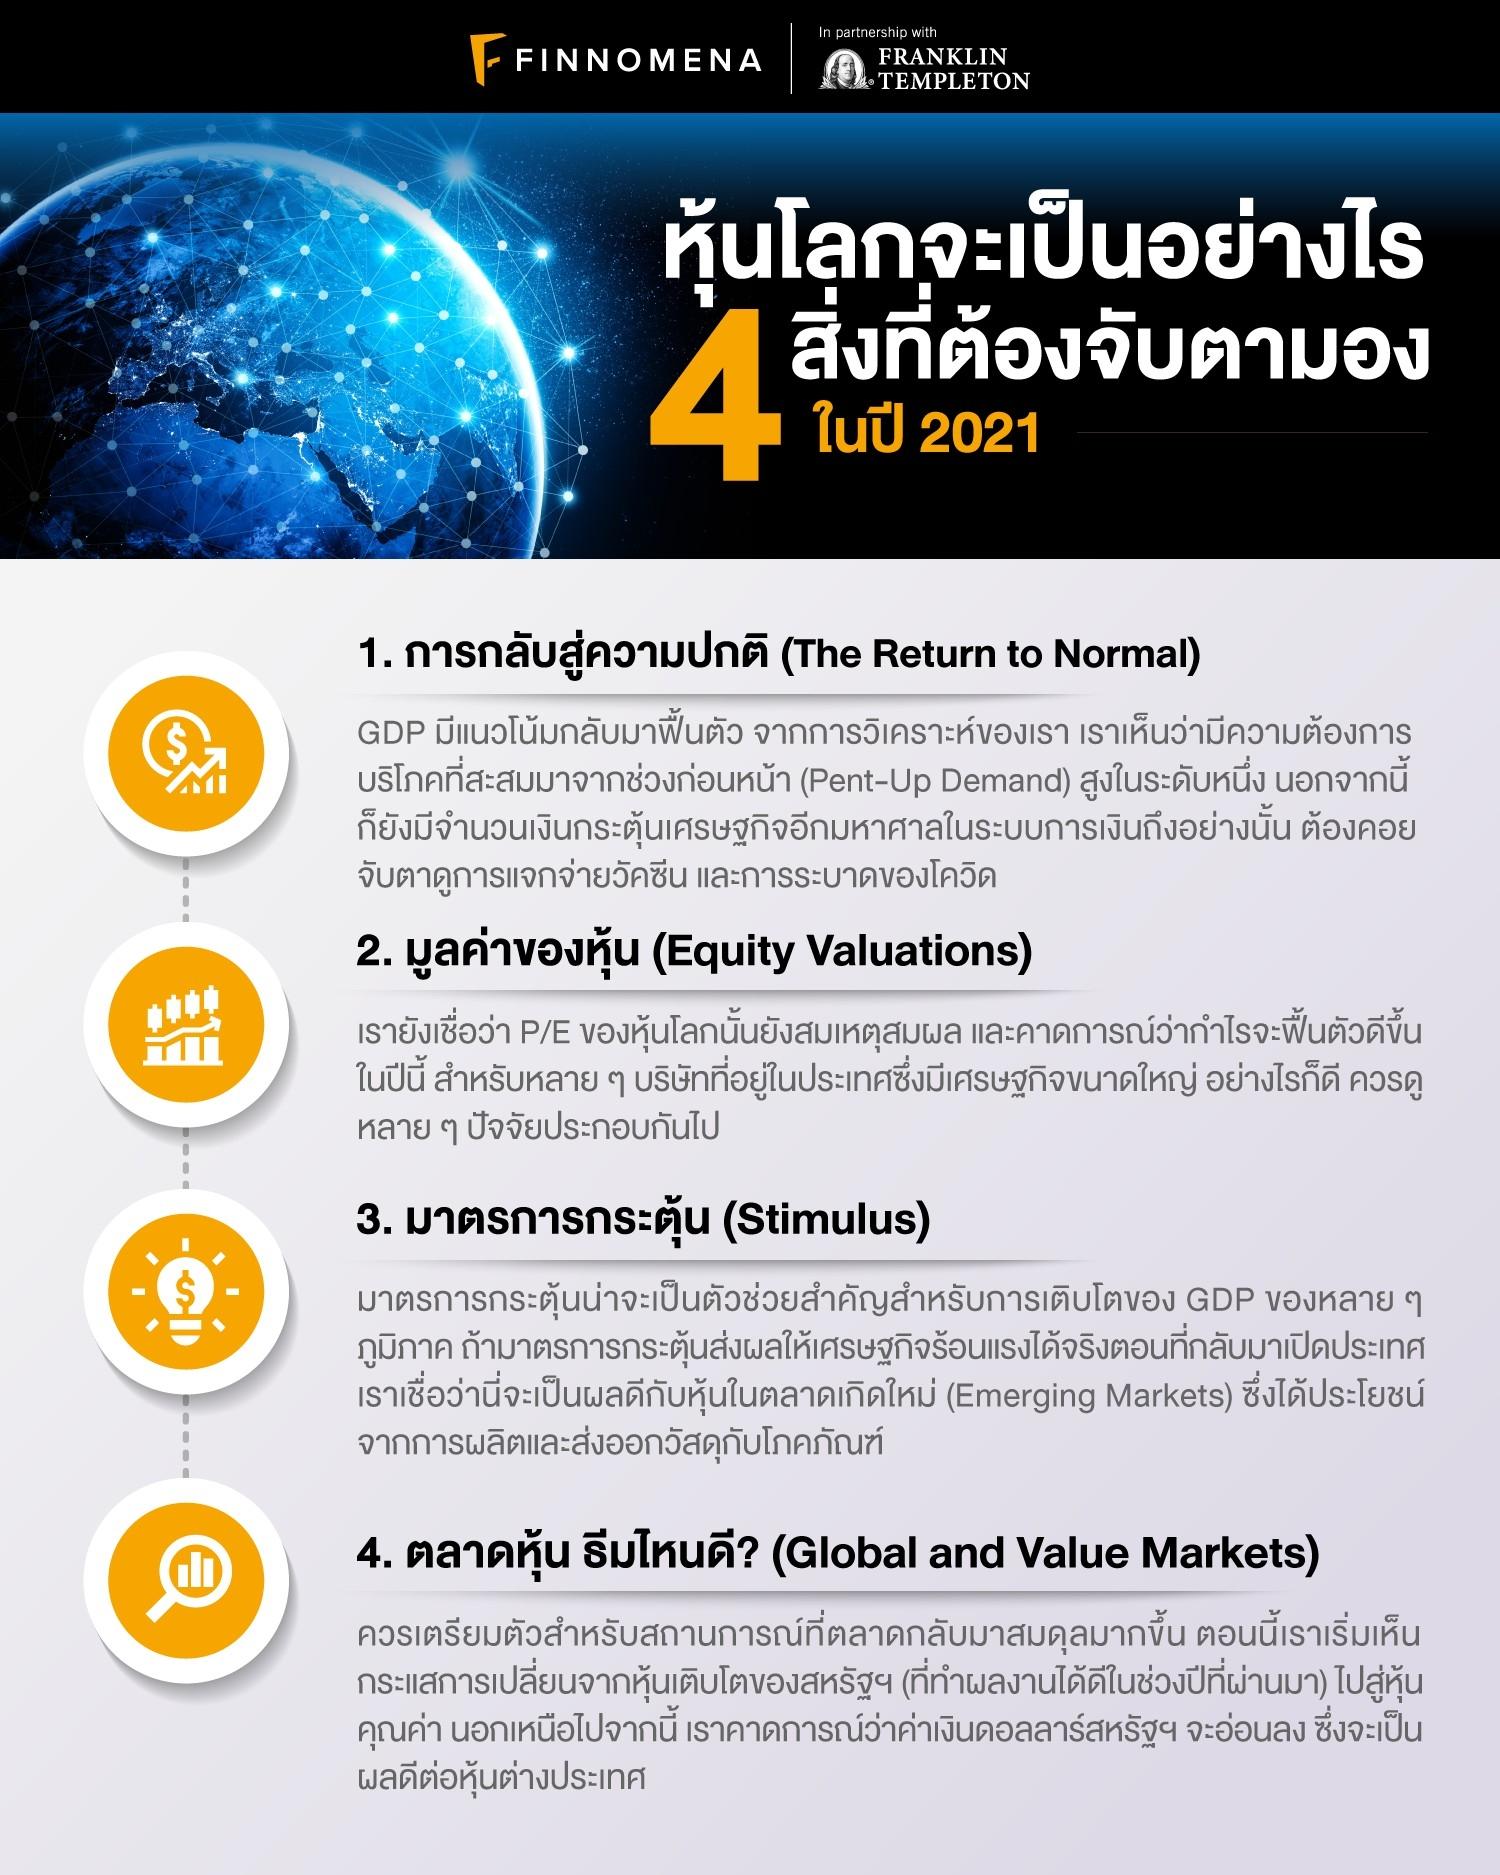 หุ้นโลกจะเป็นอย่างไร? 4 สิ่งที่ต้องจับตามองในปี 2021